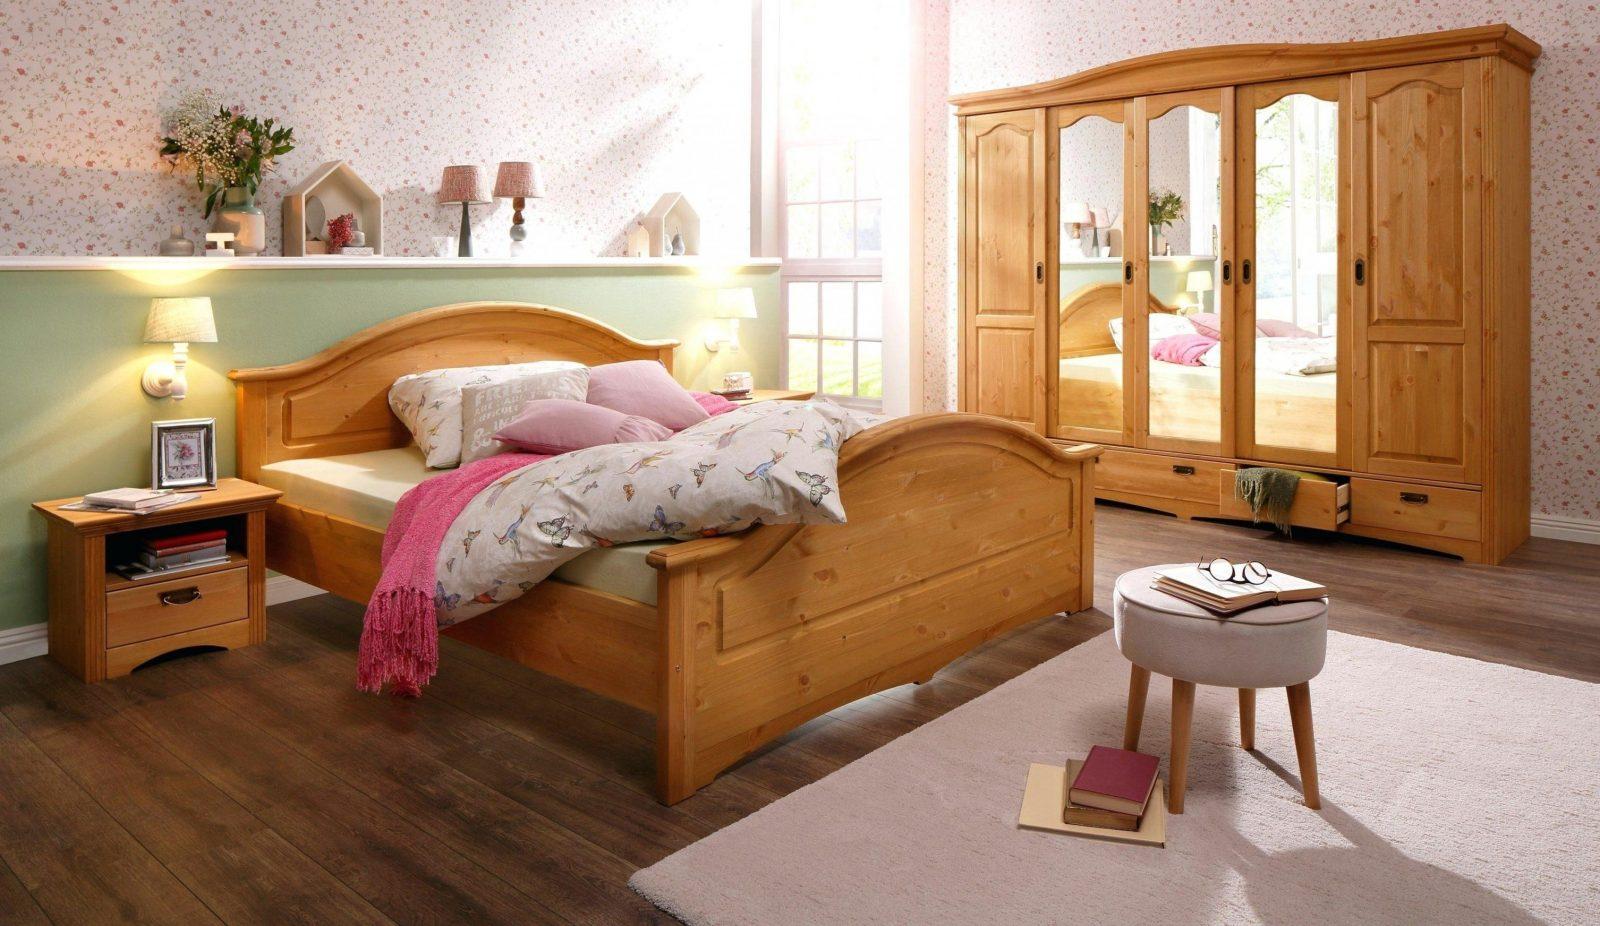 Schlafzimmermobel Landhausstil Schlafzimmer Landhausstil